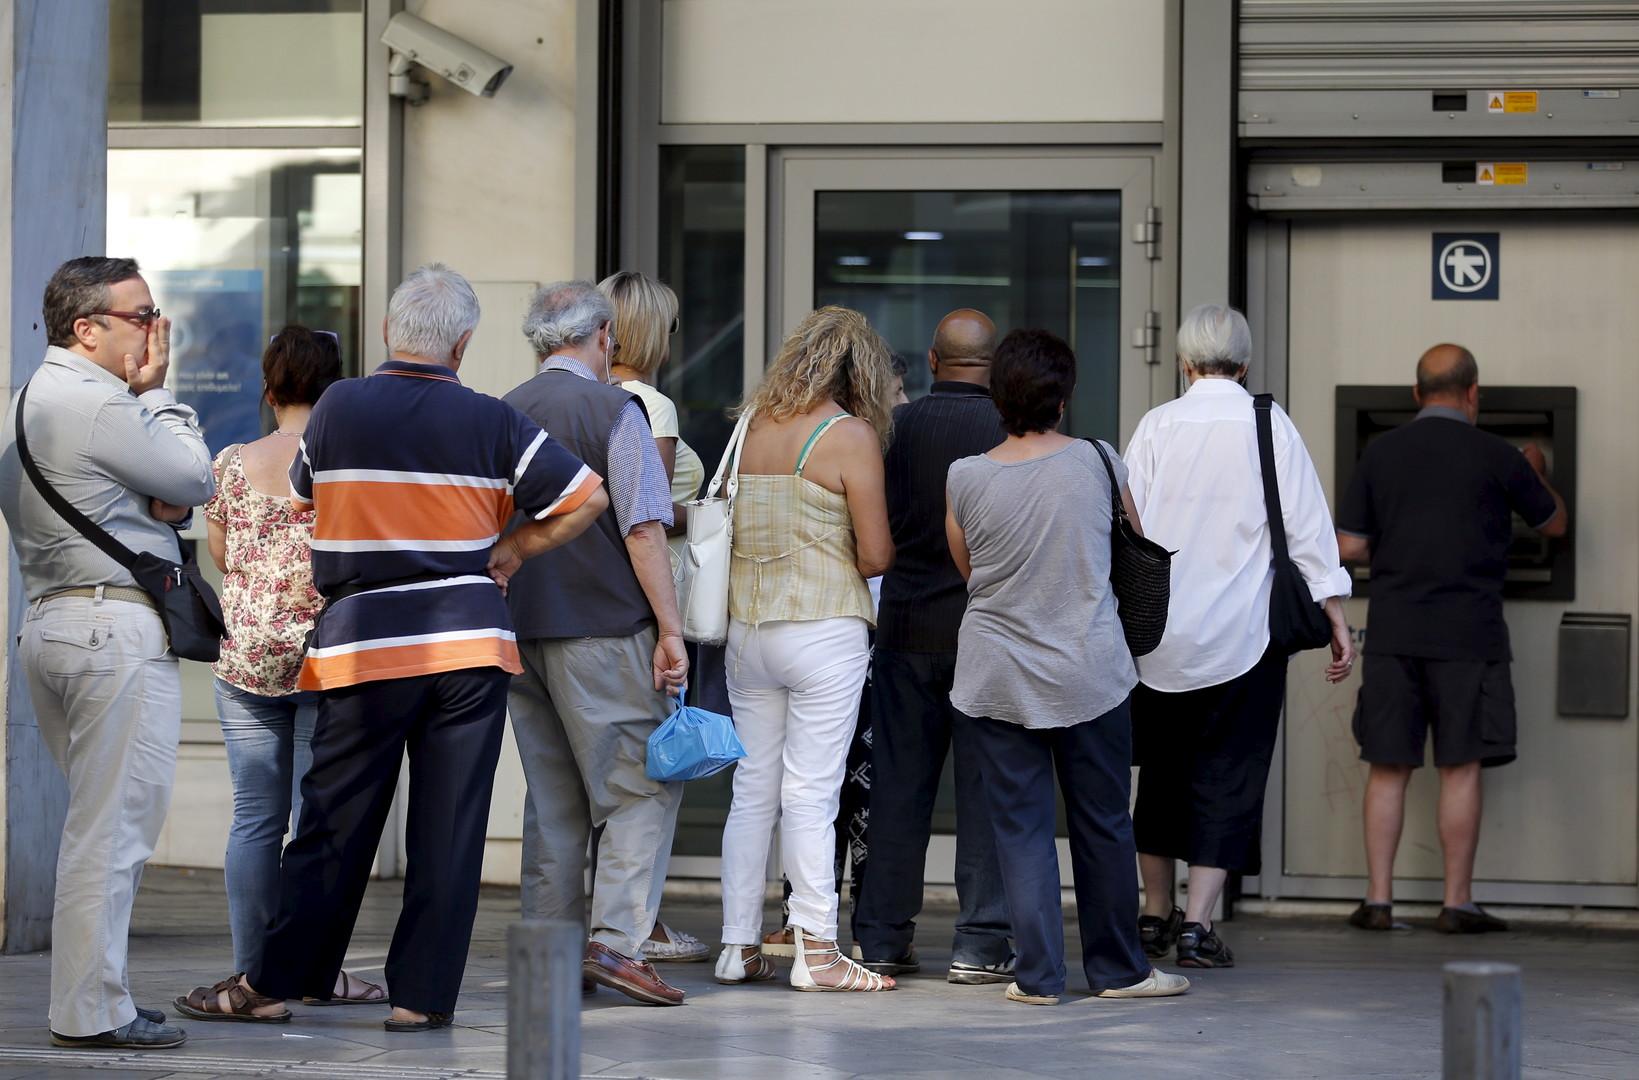 Кризис. Финансовый кризис в стране до сих пор не разрешён. Уровень безработицы составляет более 25%, а к банкоматам выстраиваются огромные очереди.